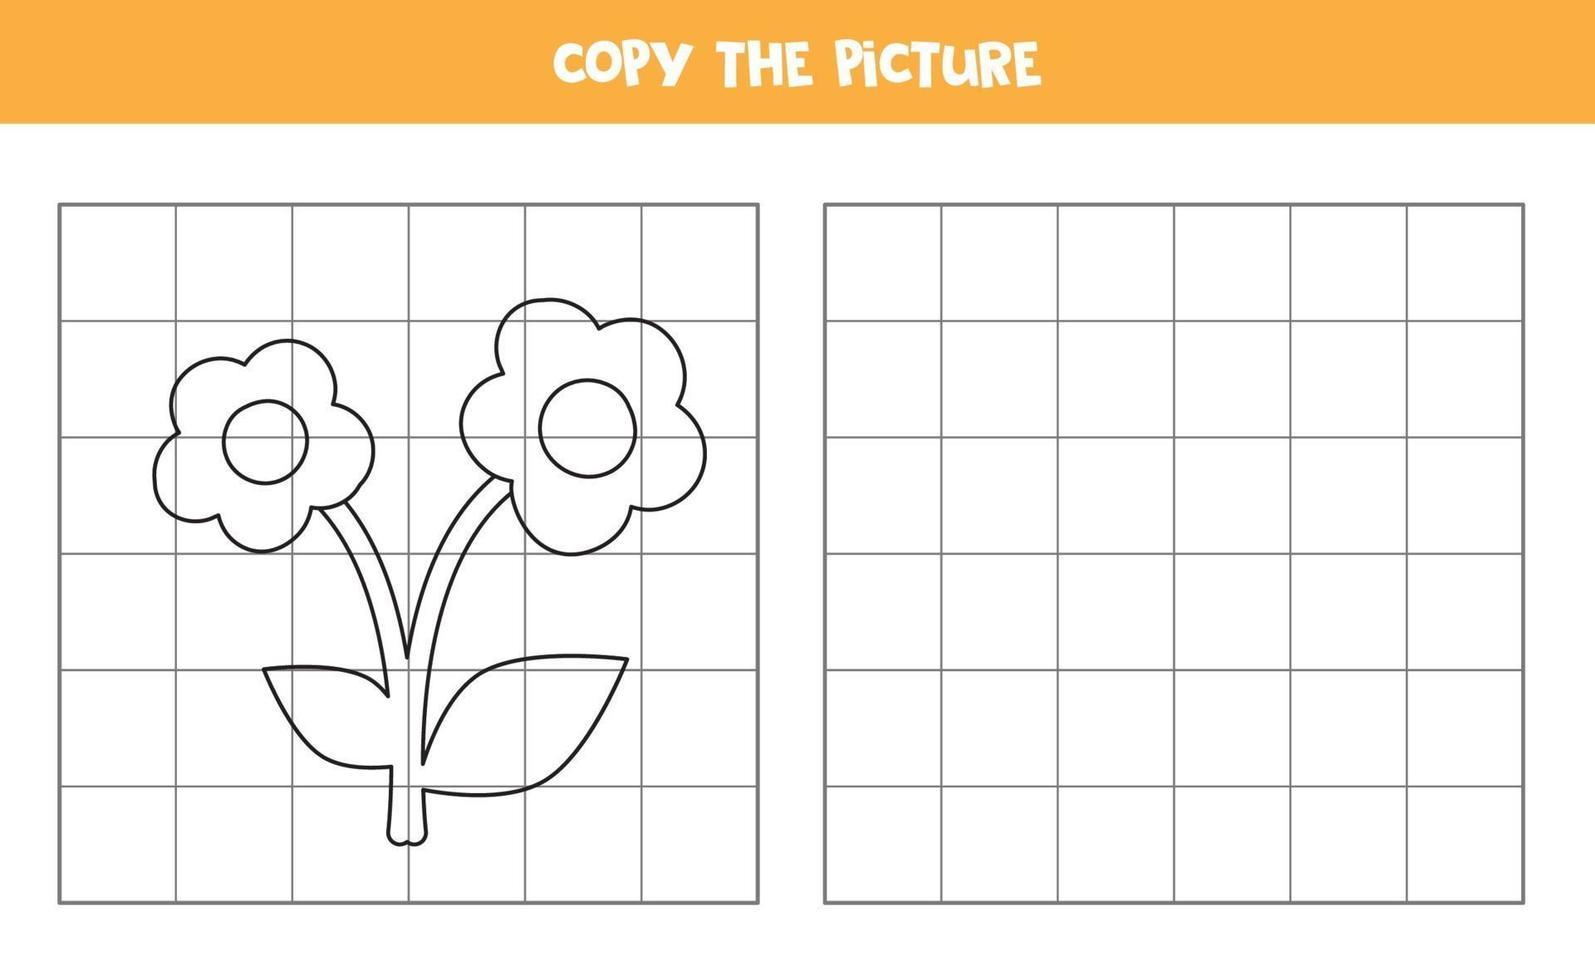 copia l'immagine. fiore di cartone animato. gioco logico per bambini. vettore